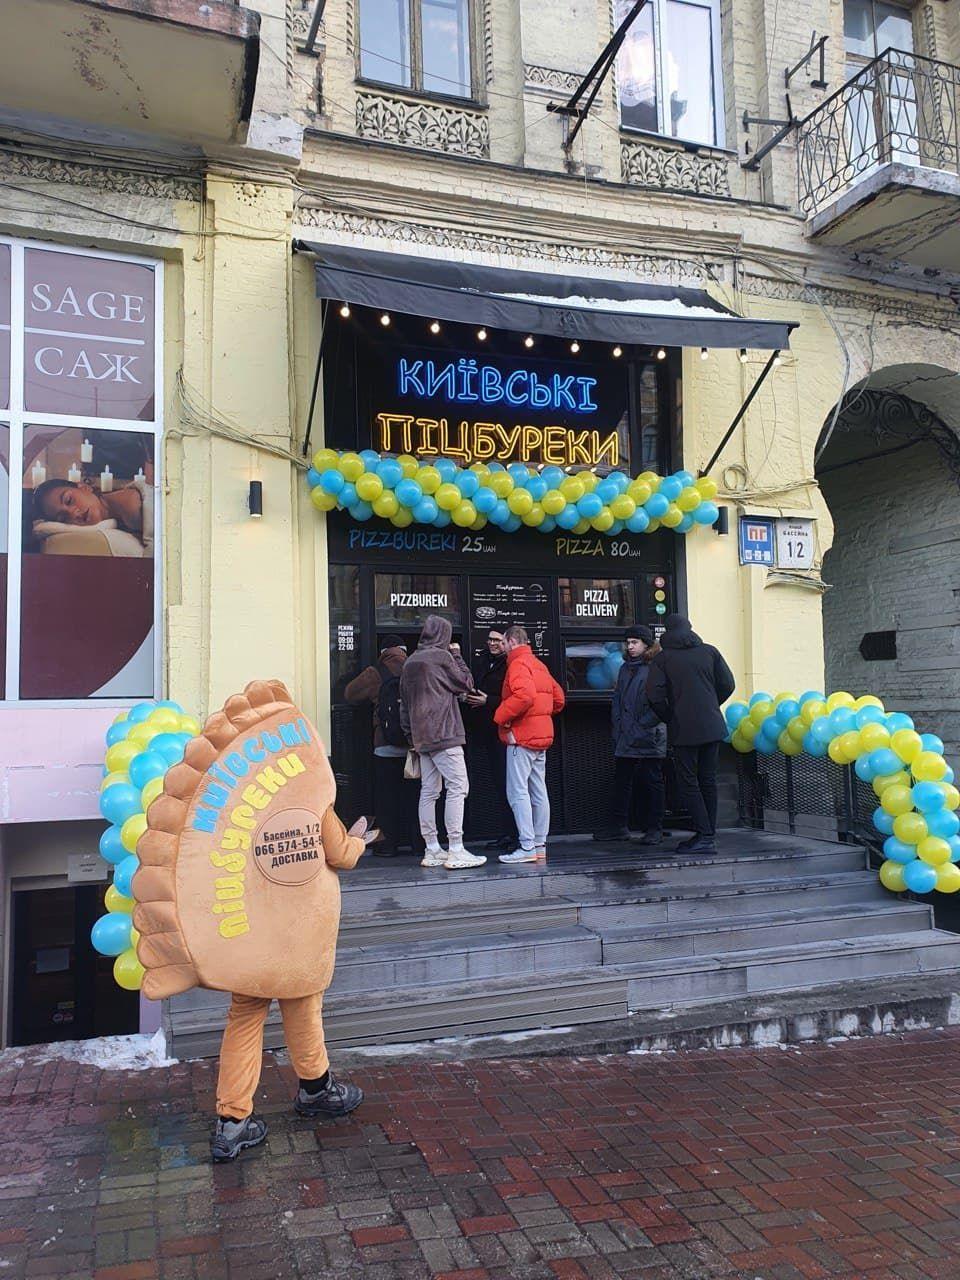 Київські піцбуреки_реклама_3